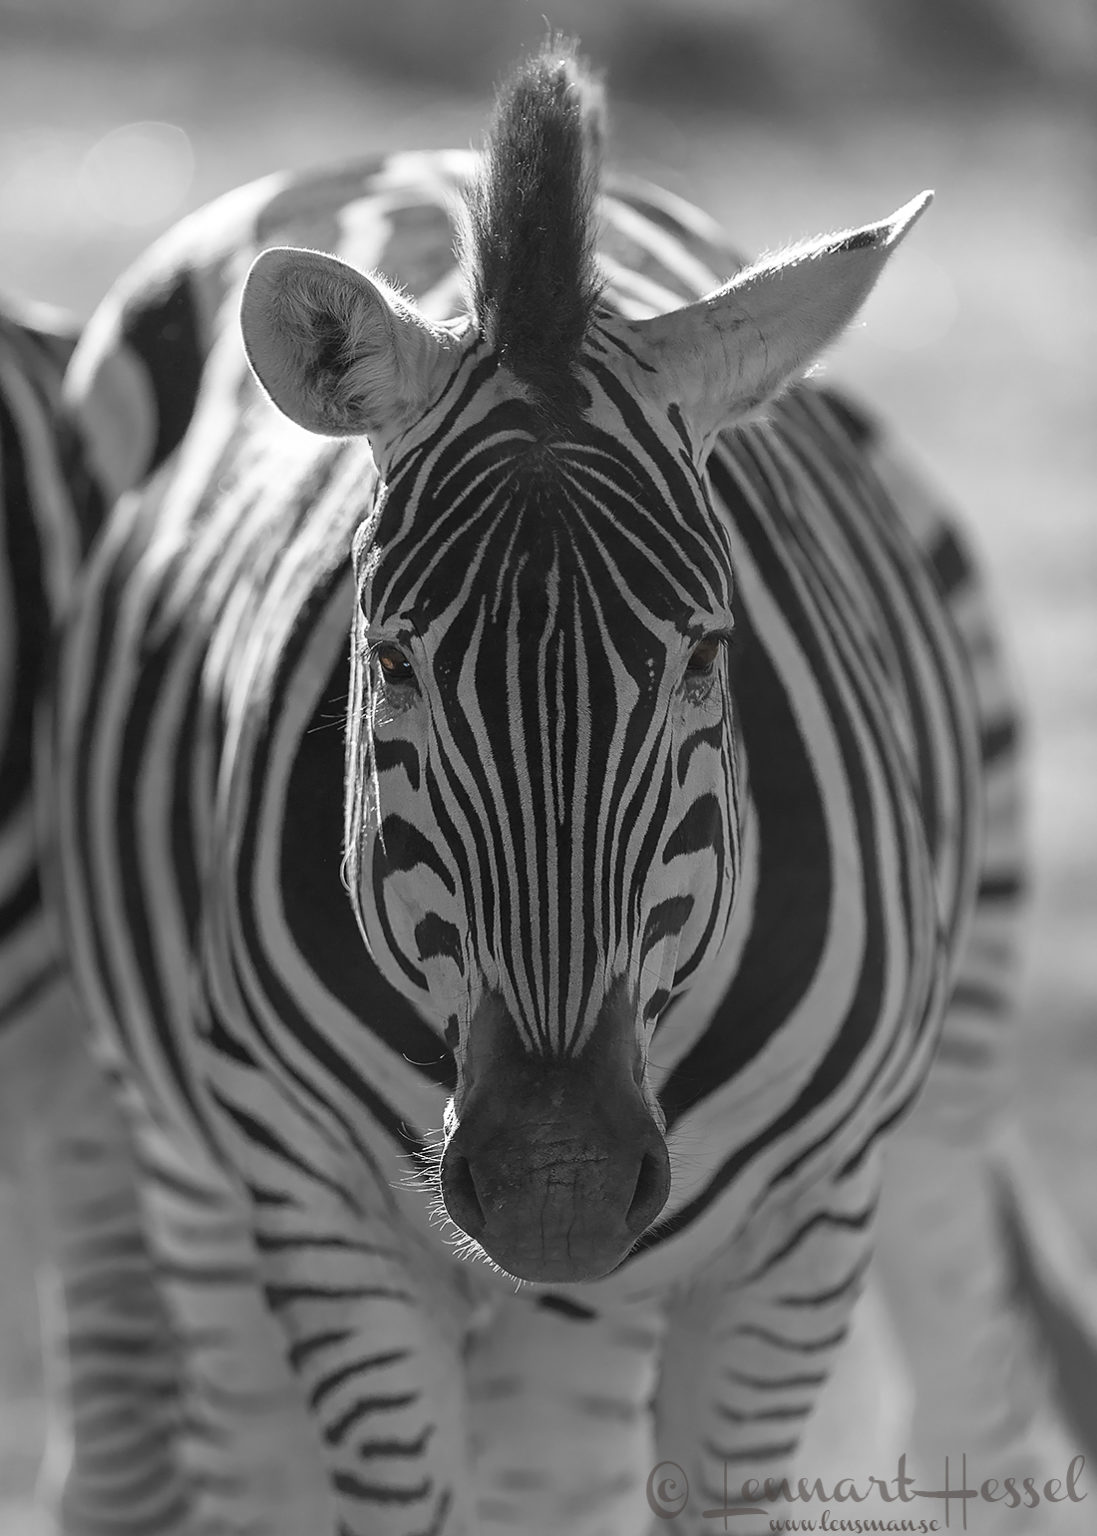 Zebra in Moremi Game Reserve, Botswana - animal